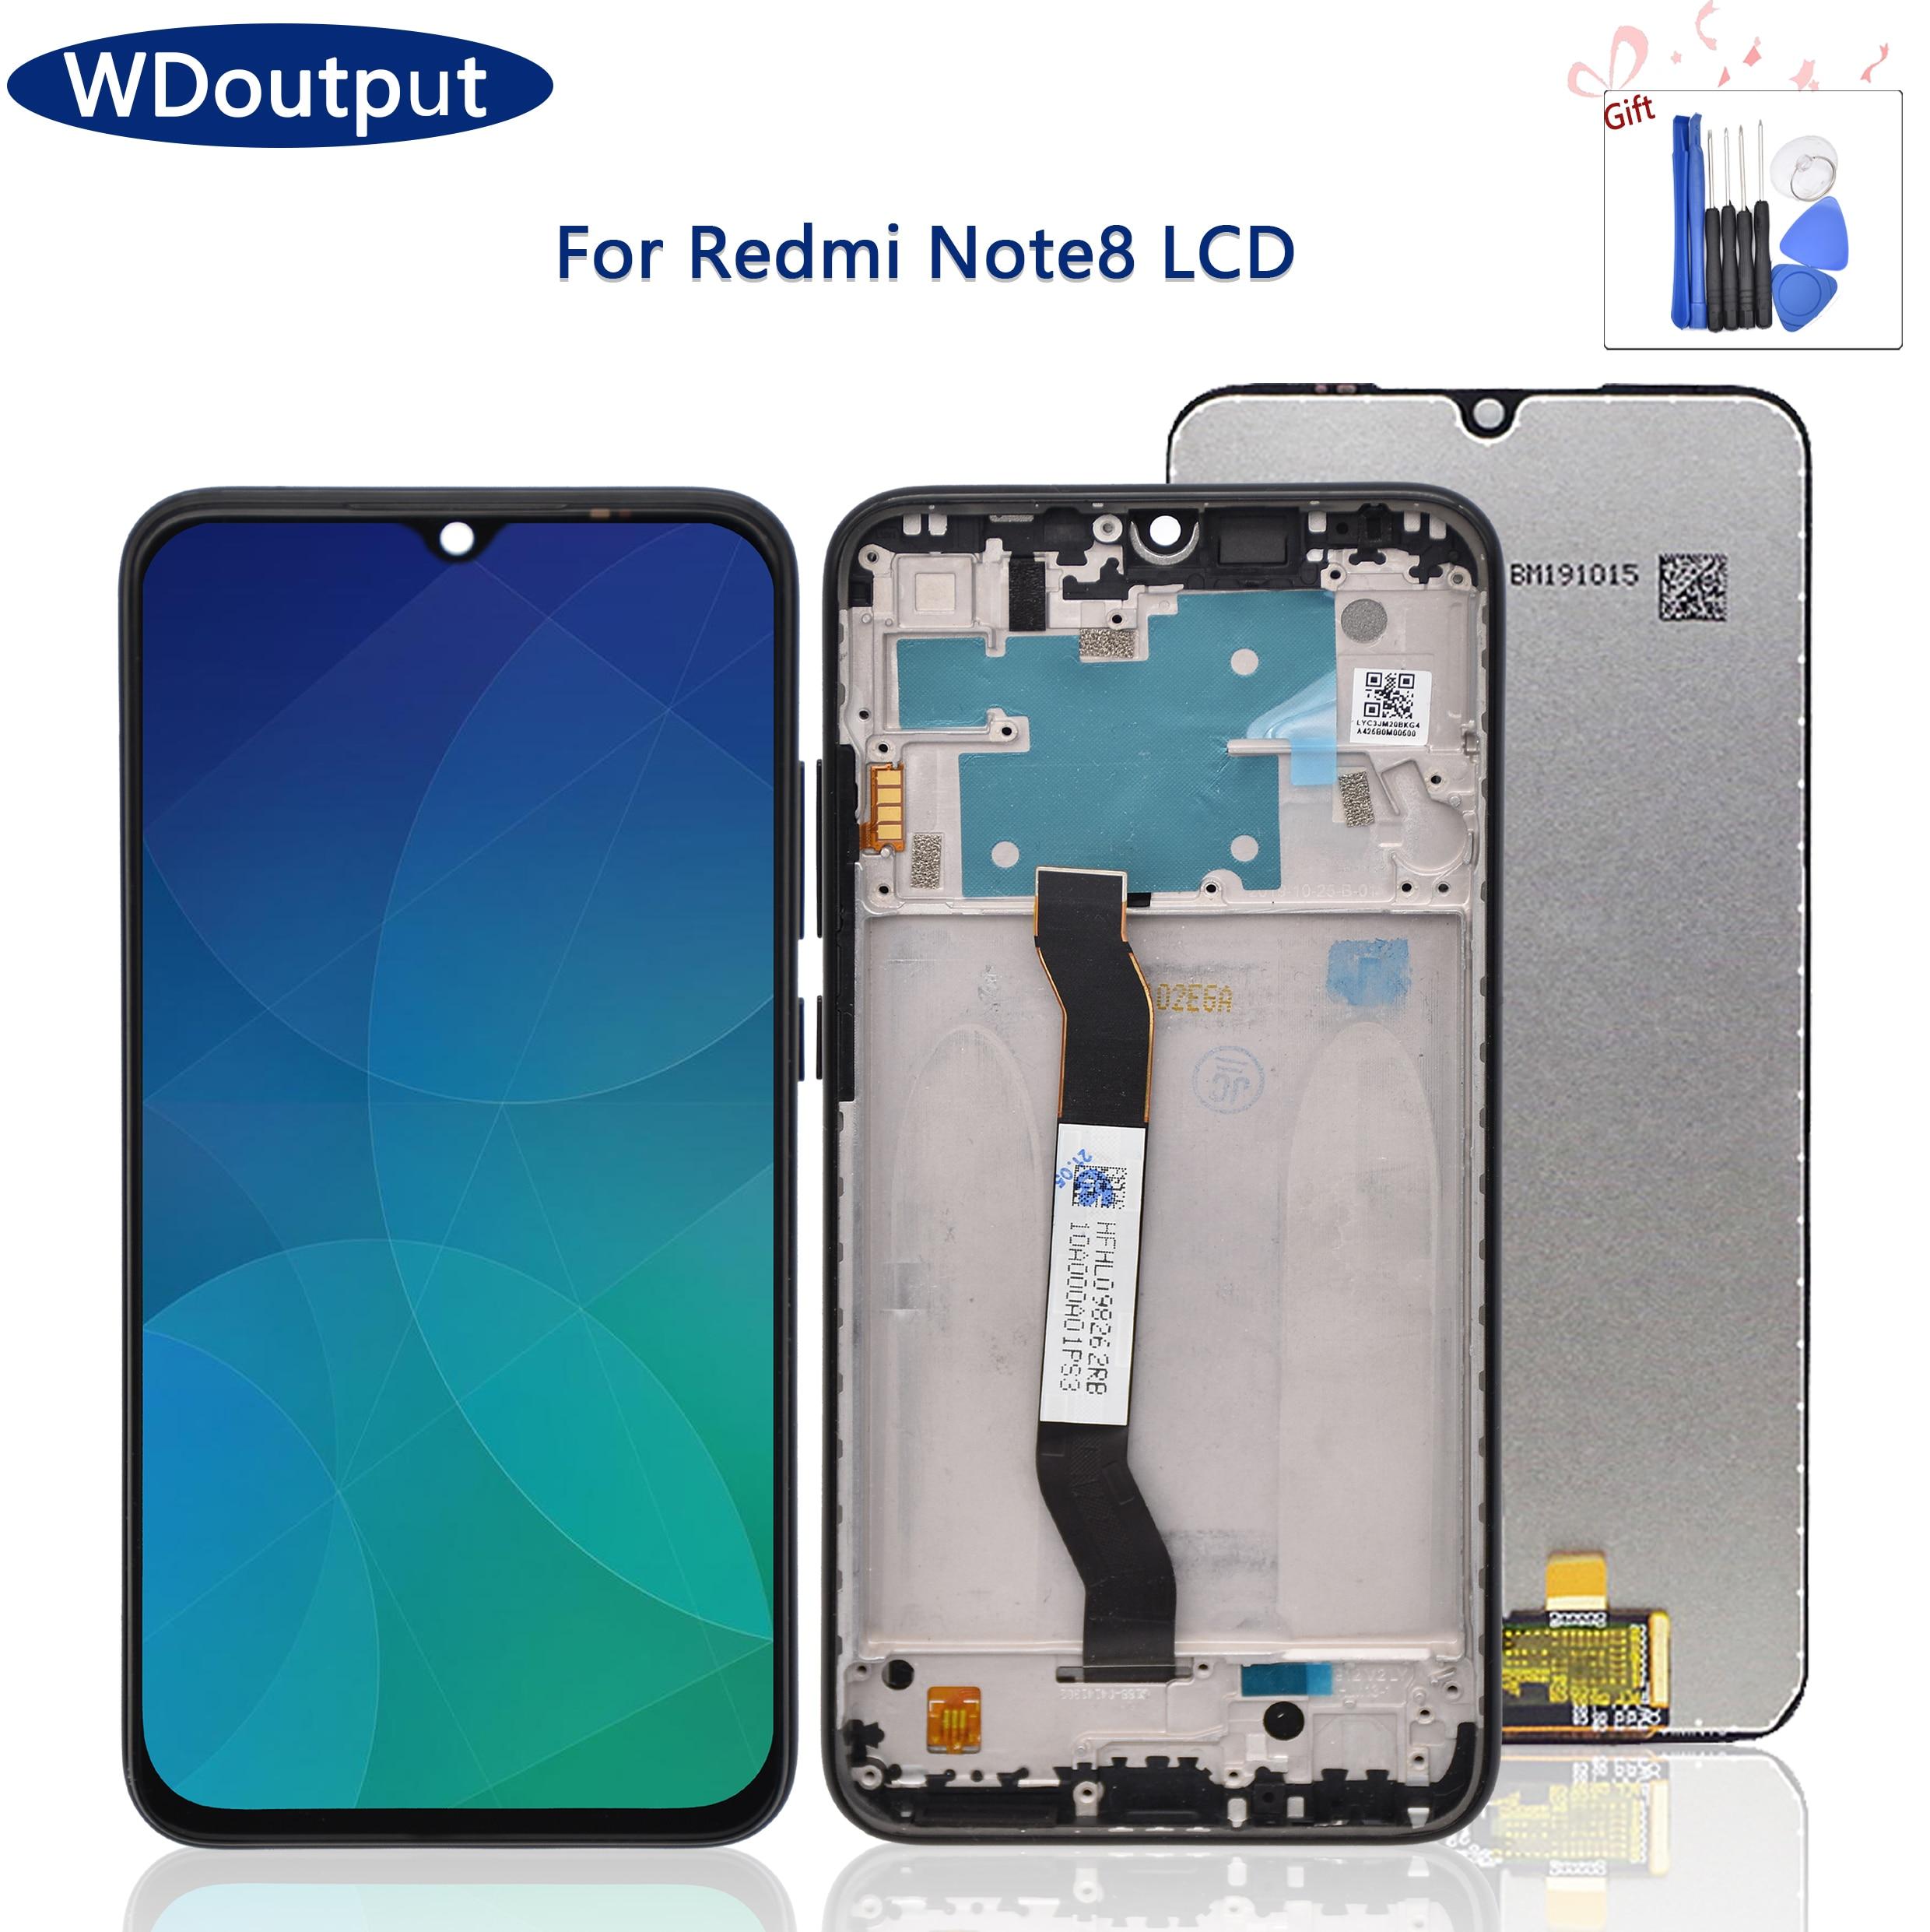 الأصلي عرض استبدال ل شاومي Redmi نوت 8 LCD عرض تعمل باللمس محول الأرقام الجمعية ل Redmi نوت 8 M1908C3JH + الإطار